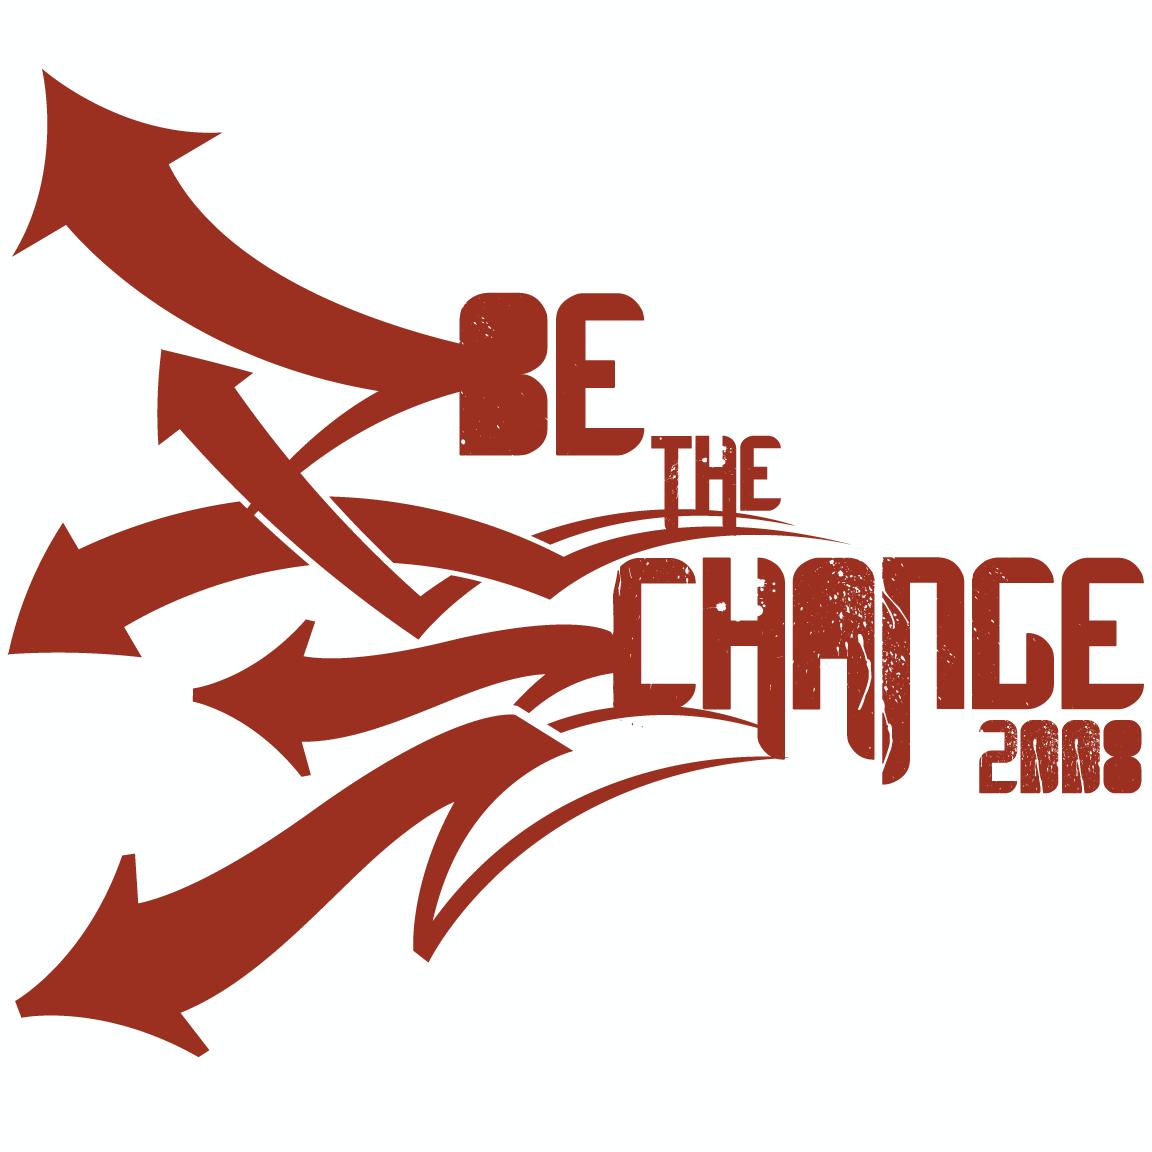 BetheChange2008b2b.png